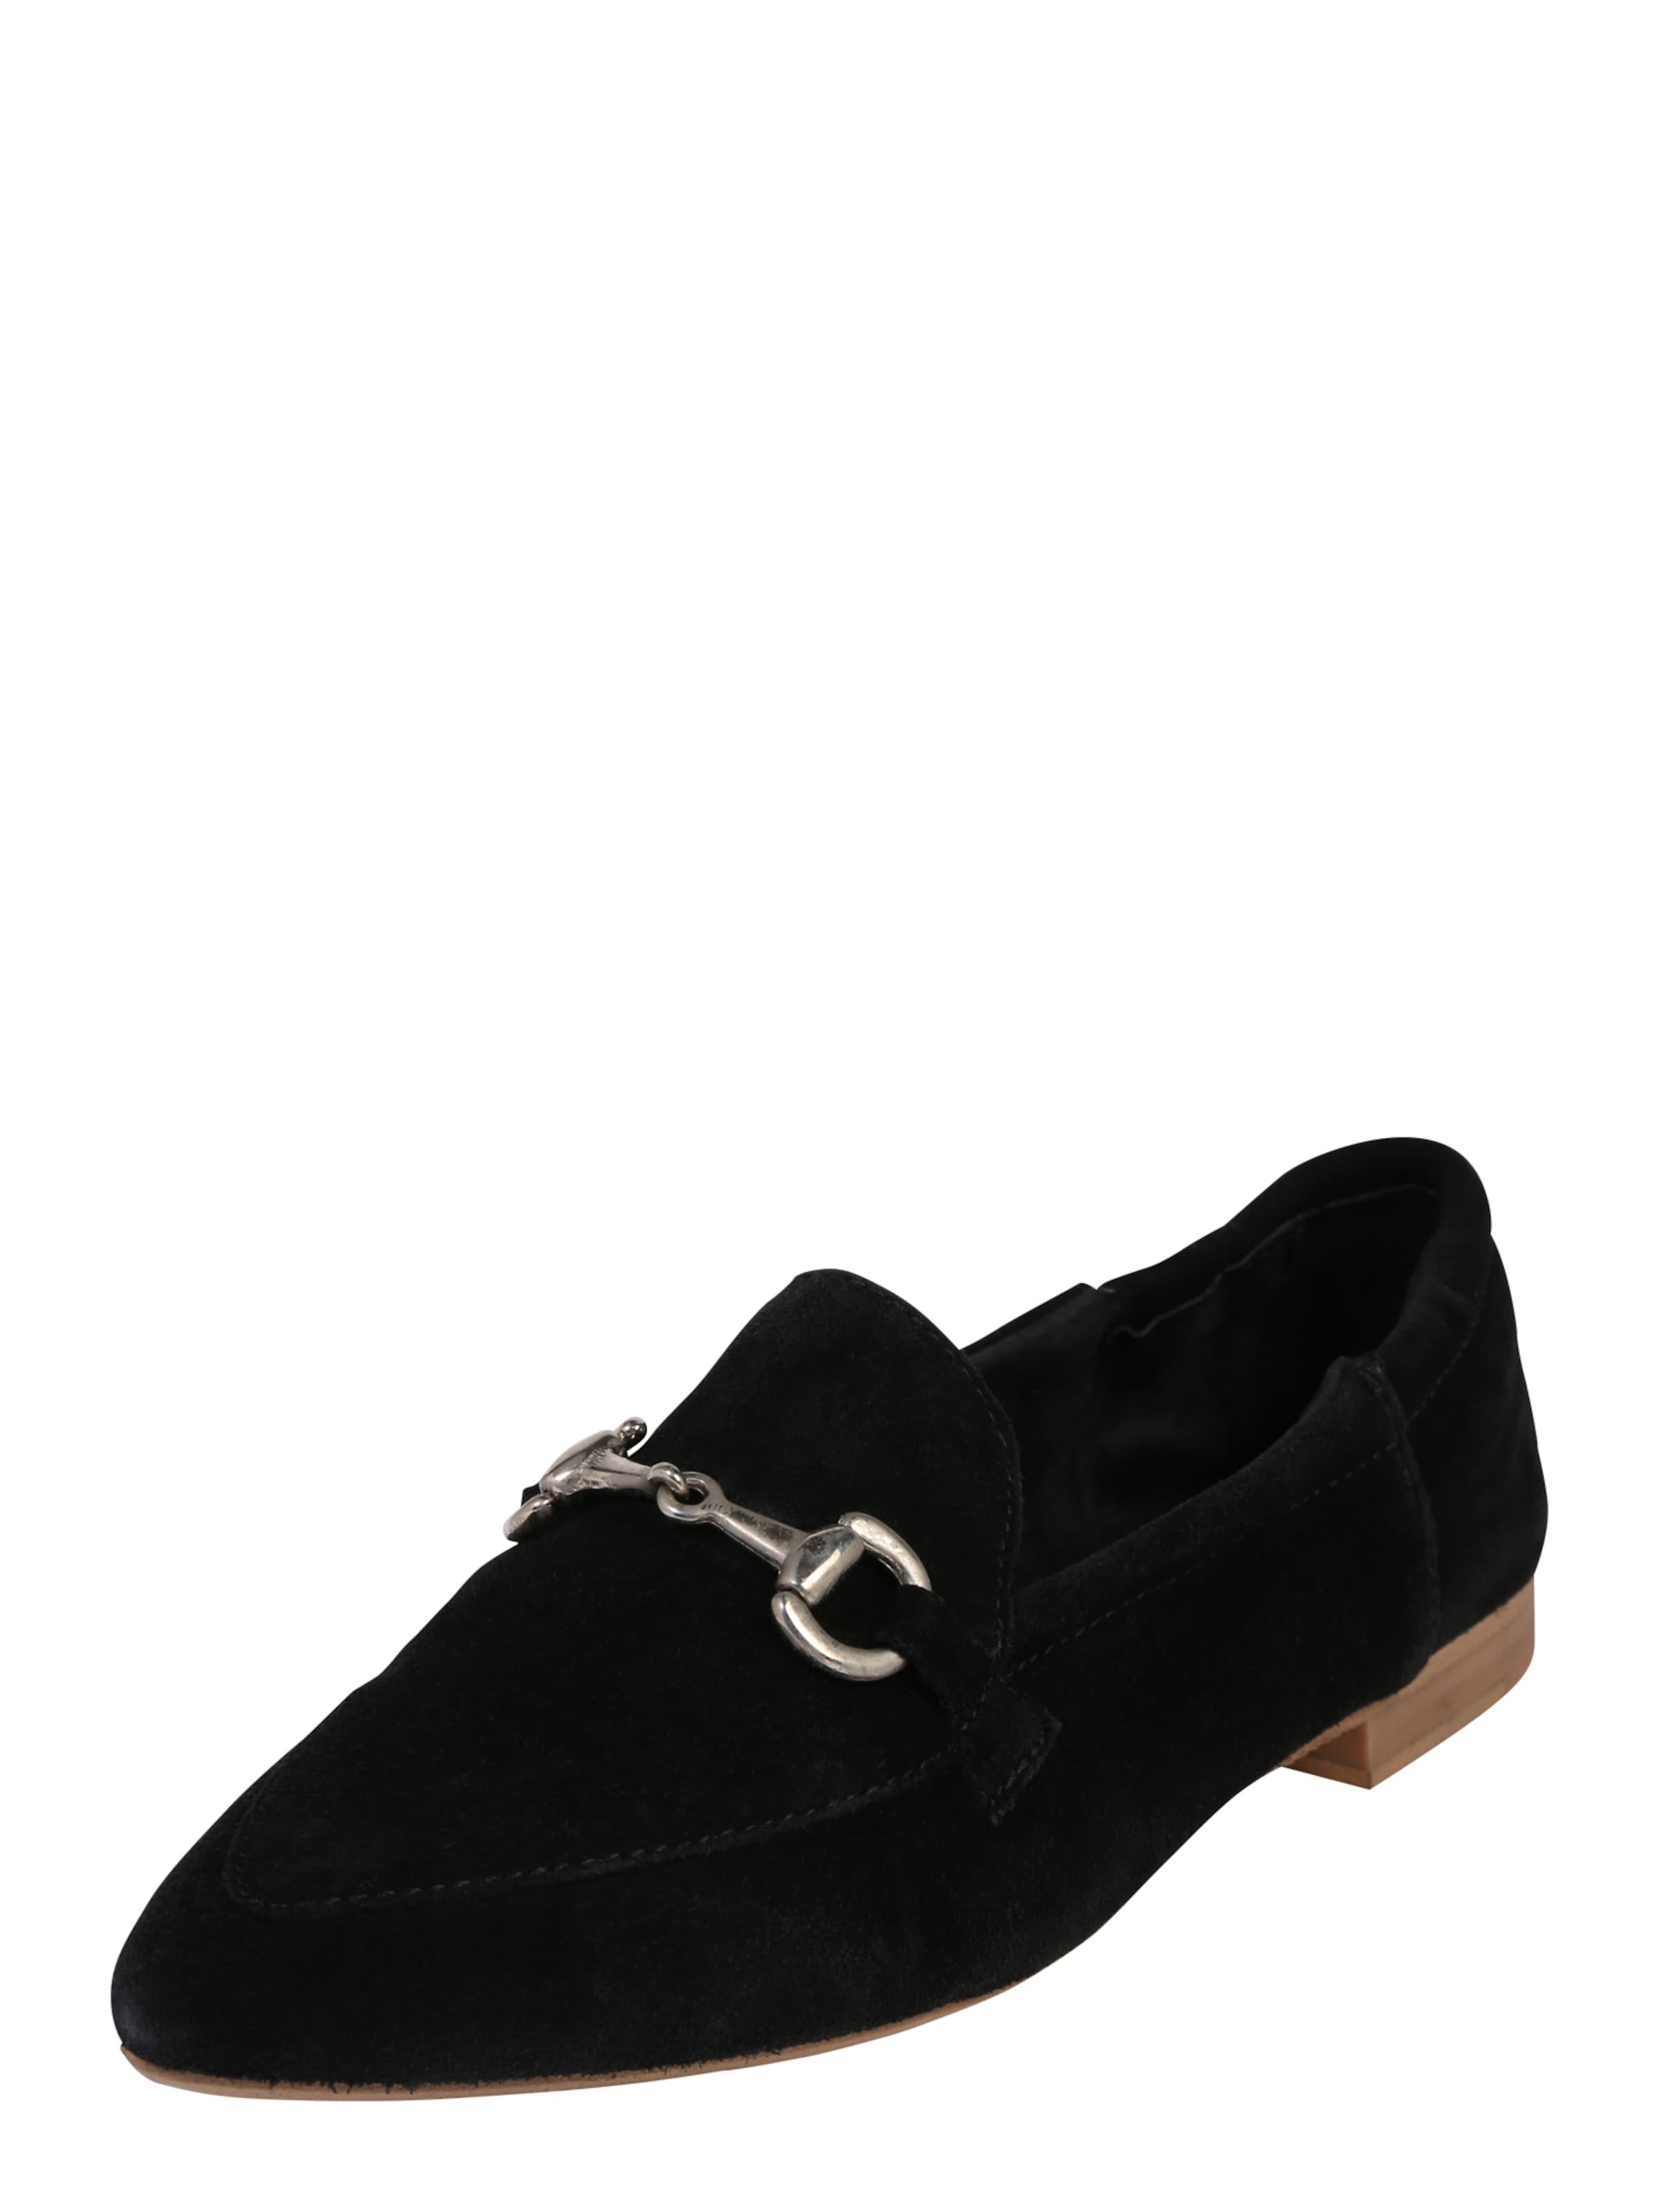 PAVEMENT Loafer Jasmin buckle Verschleißfeste Verschleißfeste buckle billige Schuhe 3f0d7d